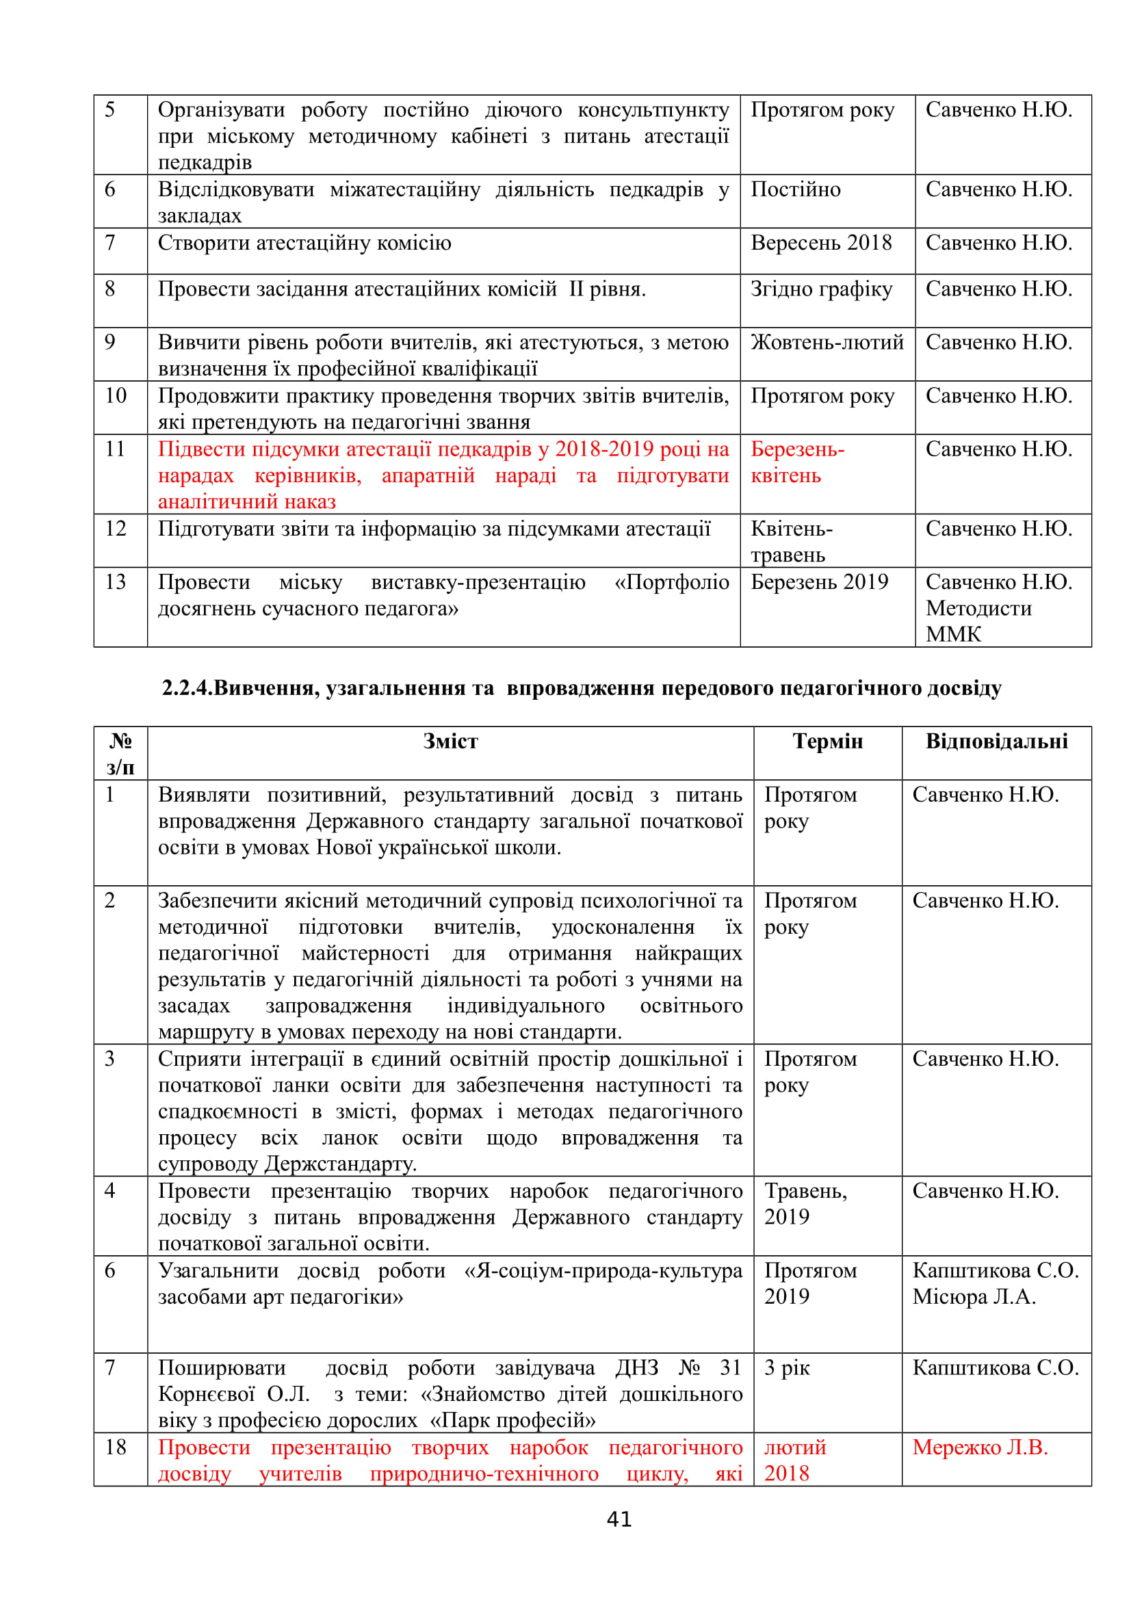 Костянтинівка 2018-2019 - ММК план роботи-42